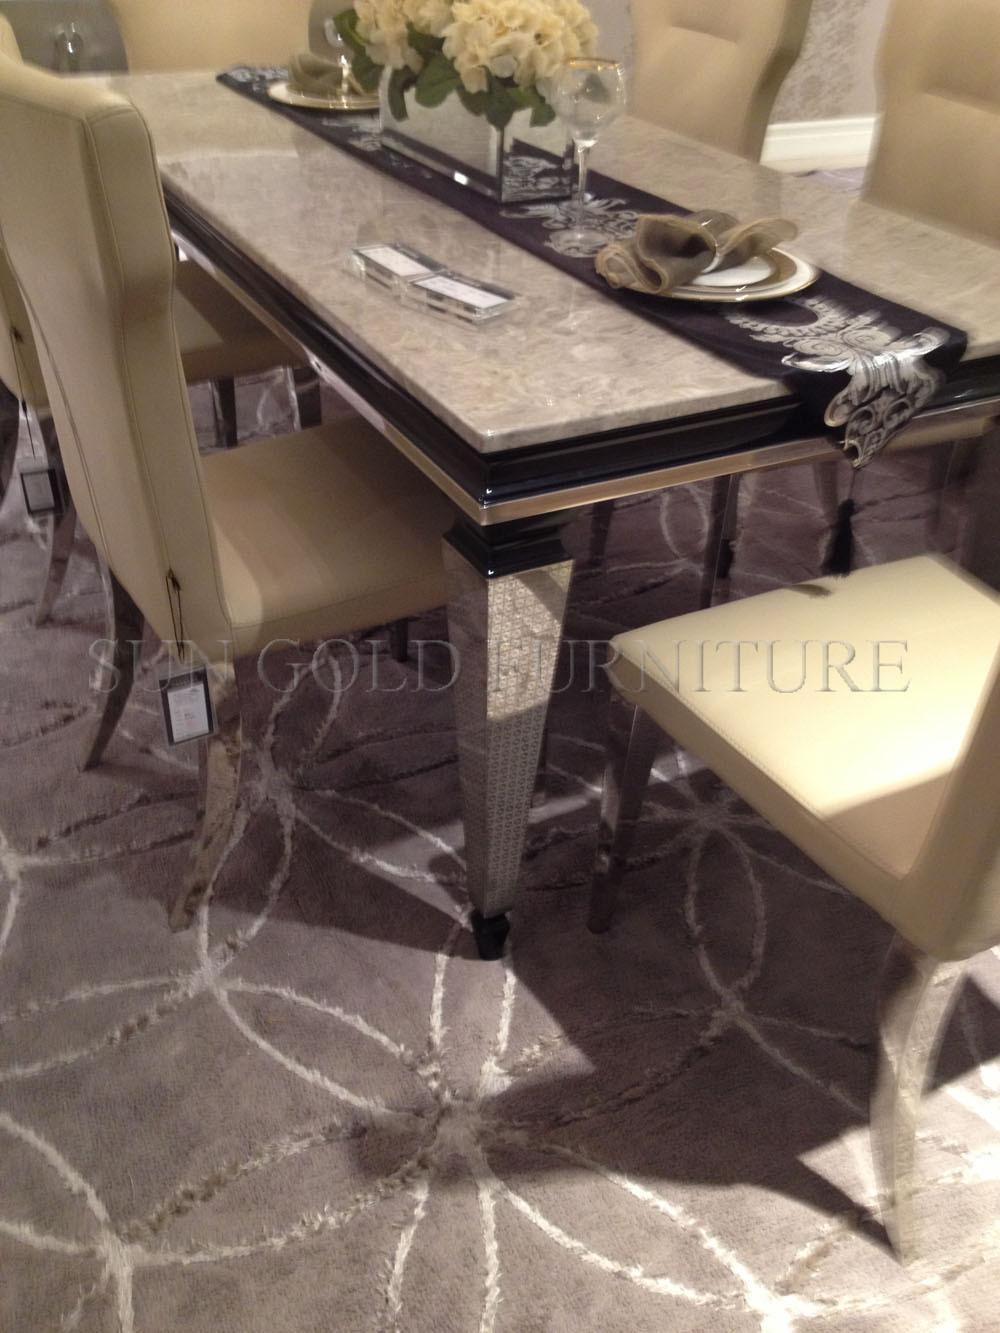 Classic Luxury Marble Dining Table sz dt032 Buy Marble  : HTB1I31qGXXXXXXXapXXq6xXFXXXo from www.alibaba.com size 1000 x 1333 jpeg 236kB